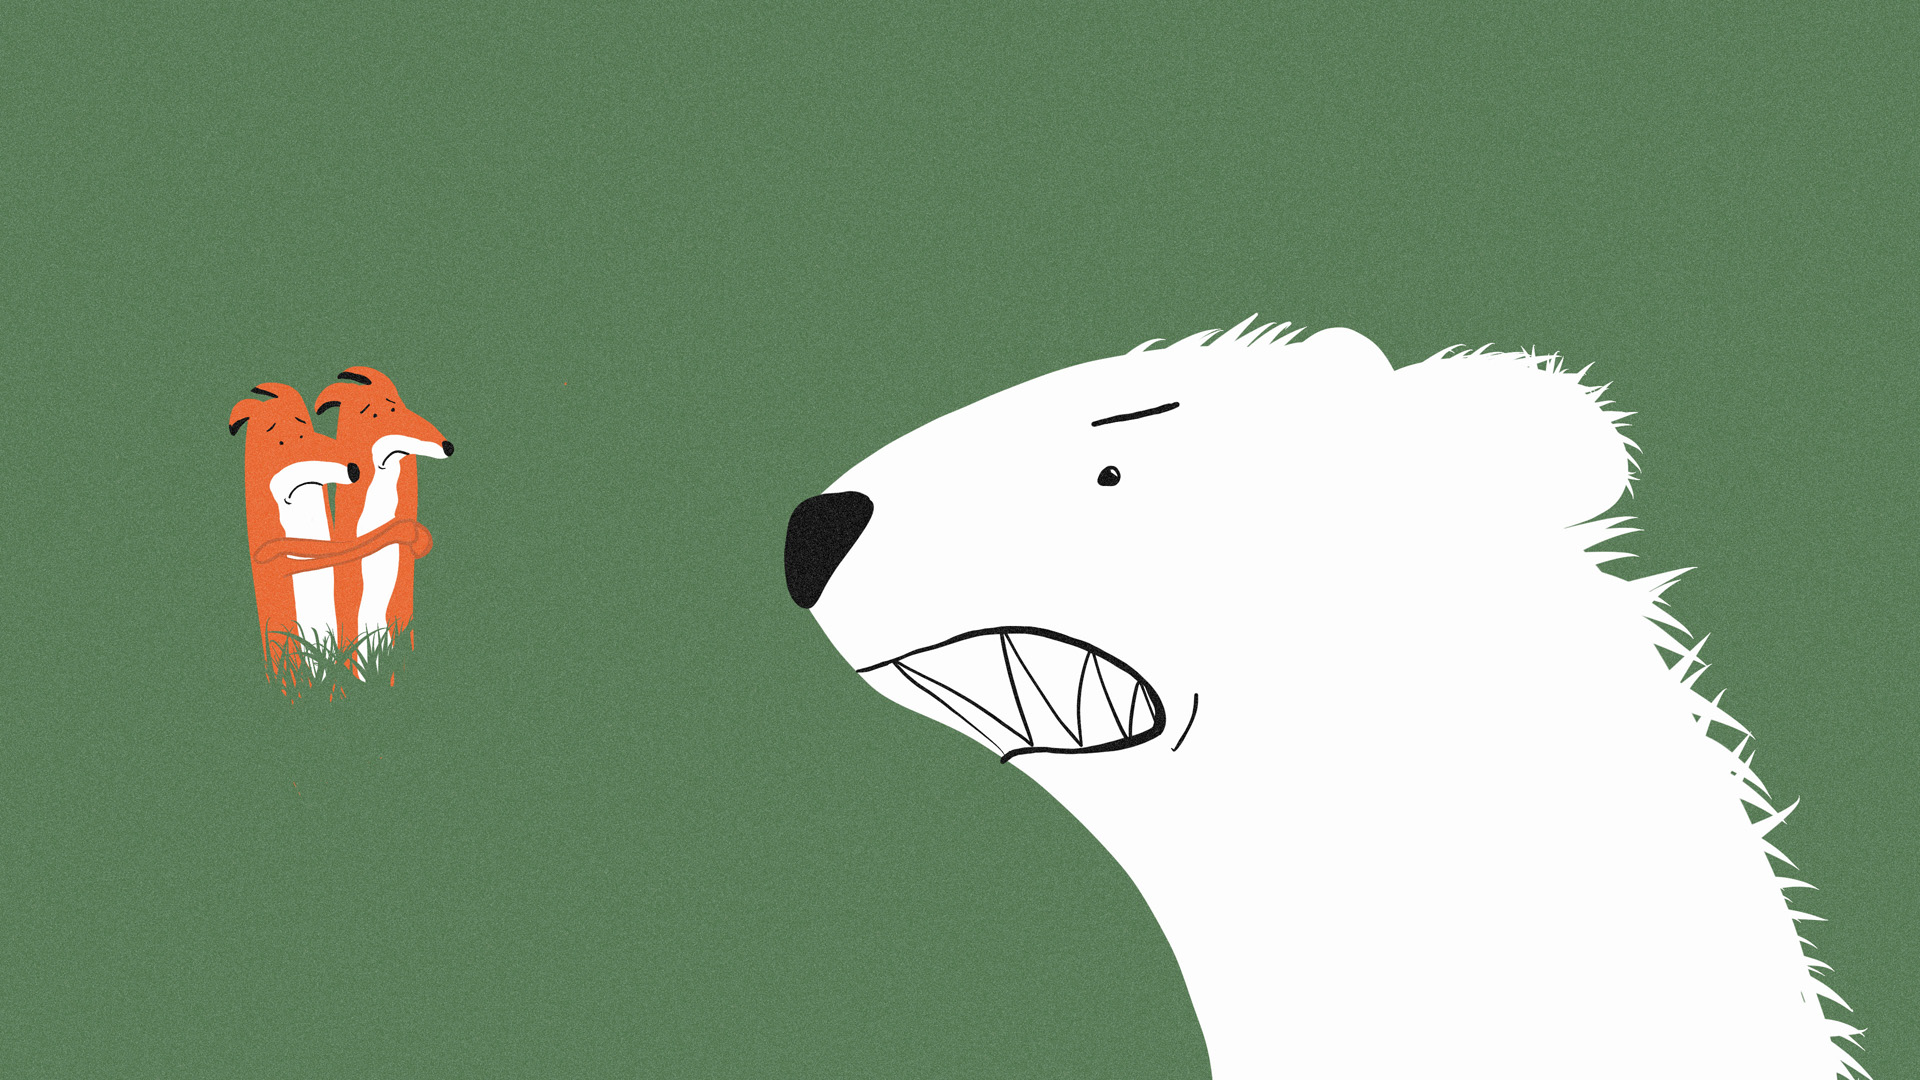 Voorleesverhaal voor kinderen Joereer de IJsbeer 06